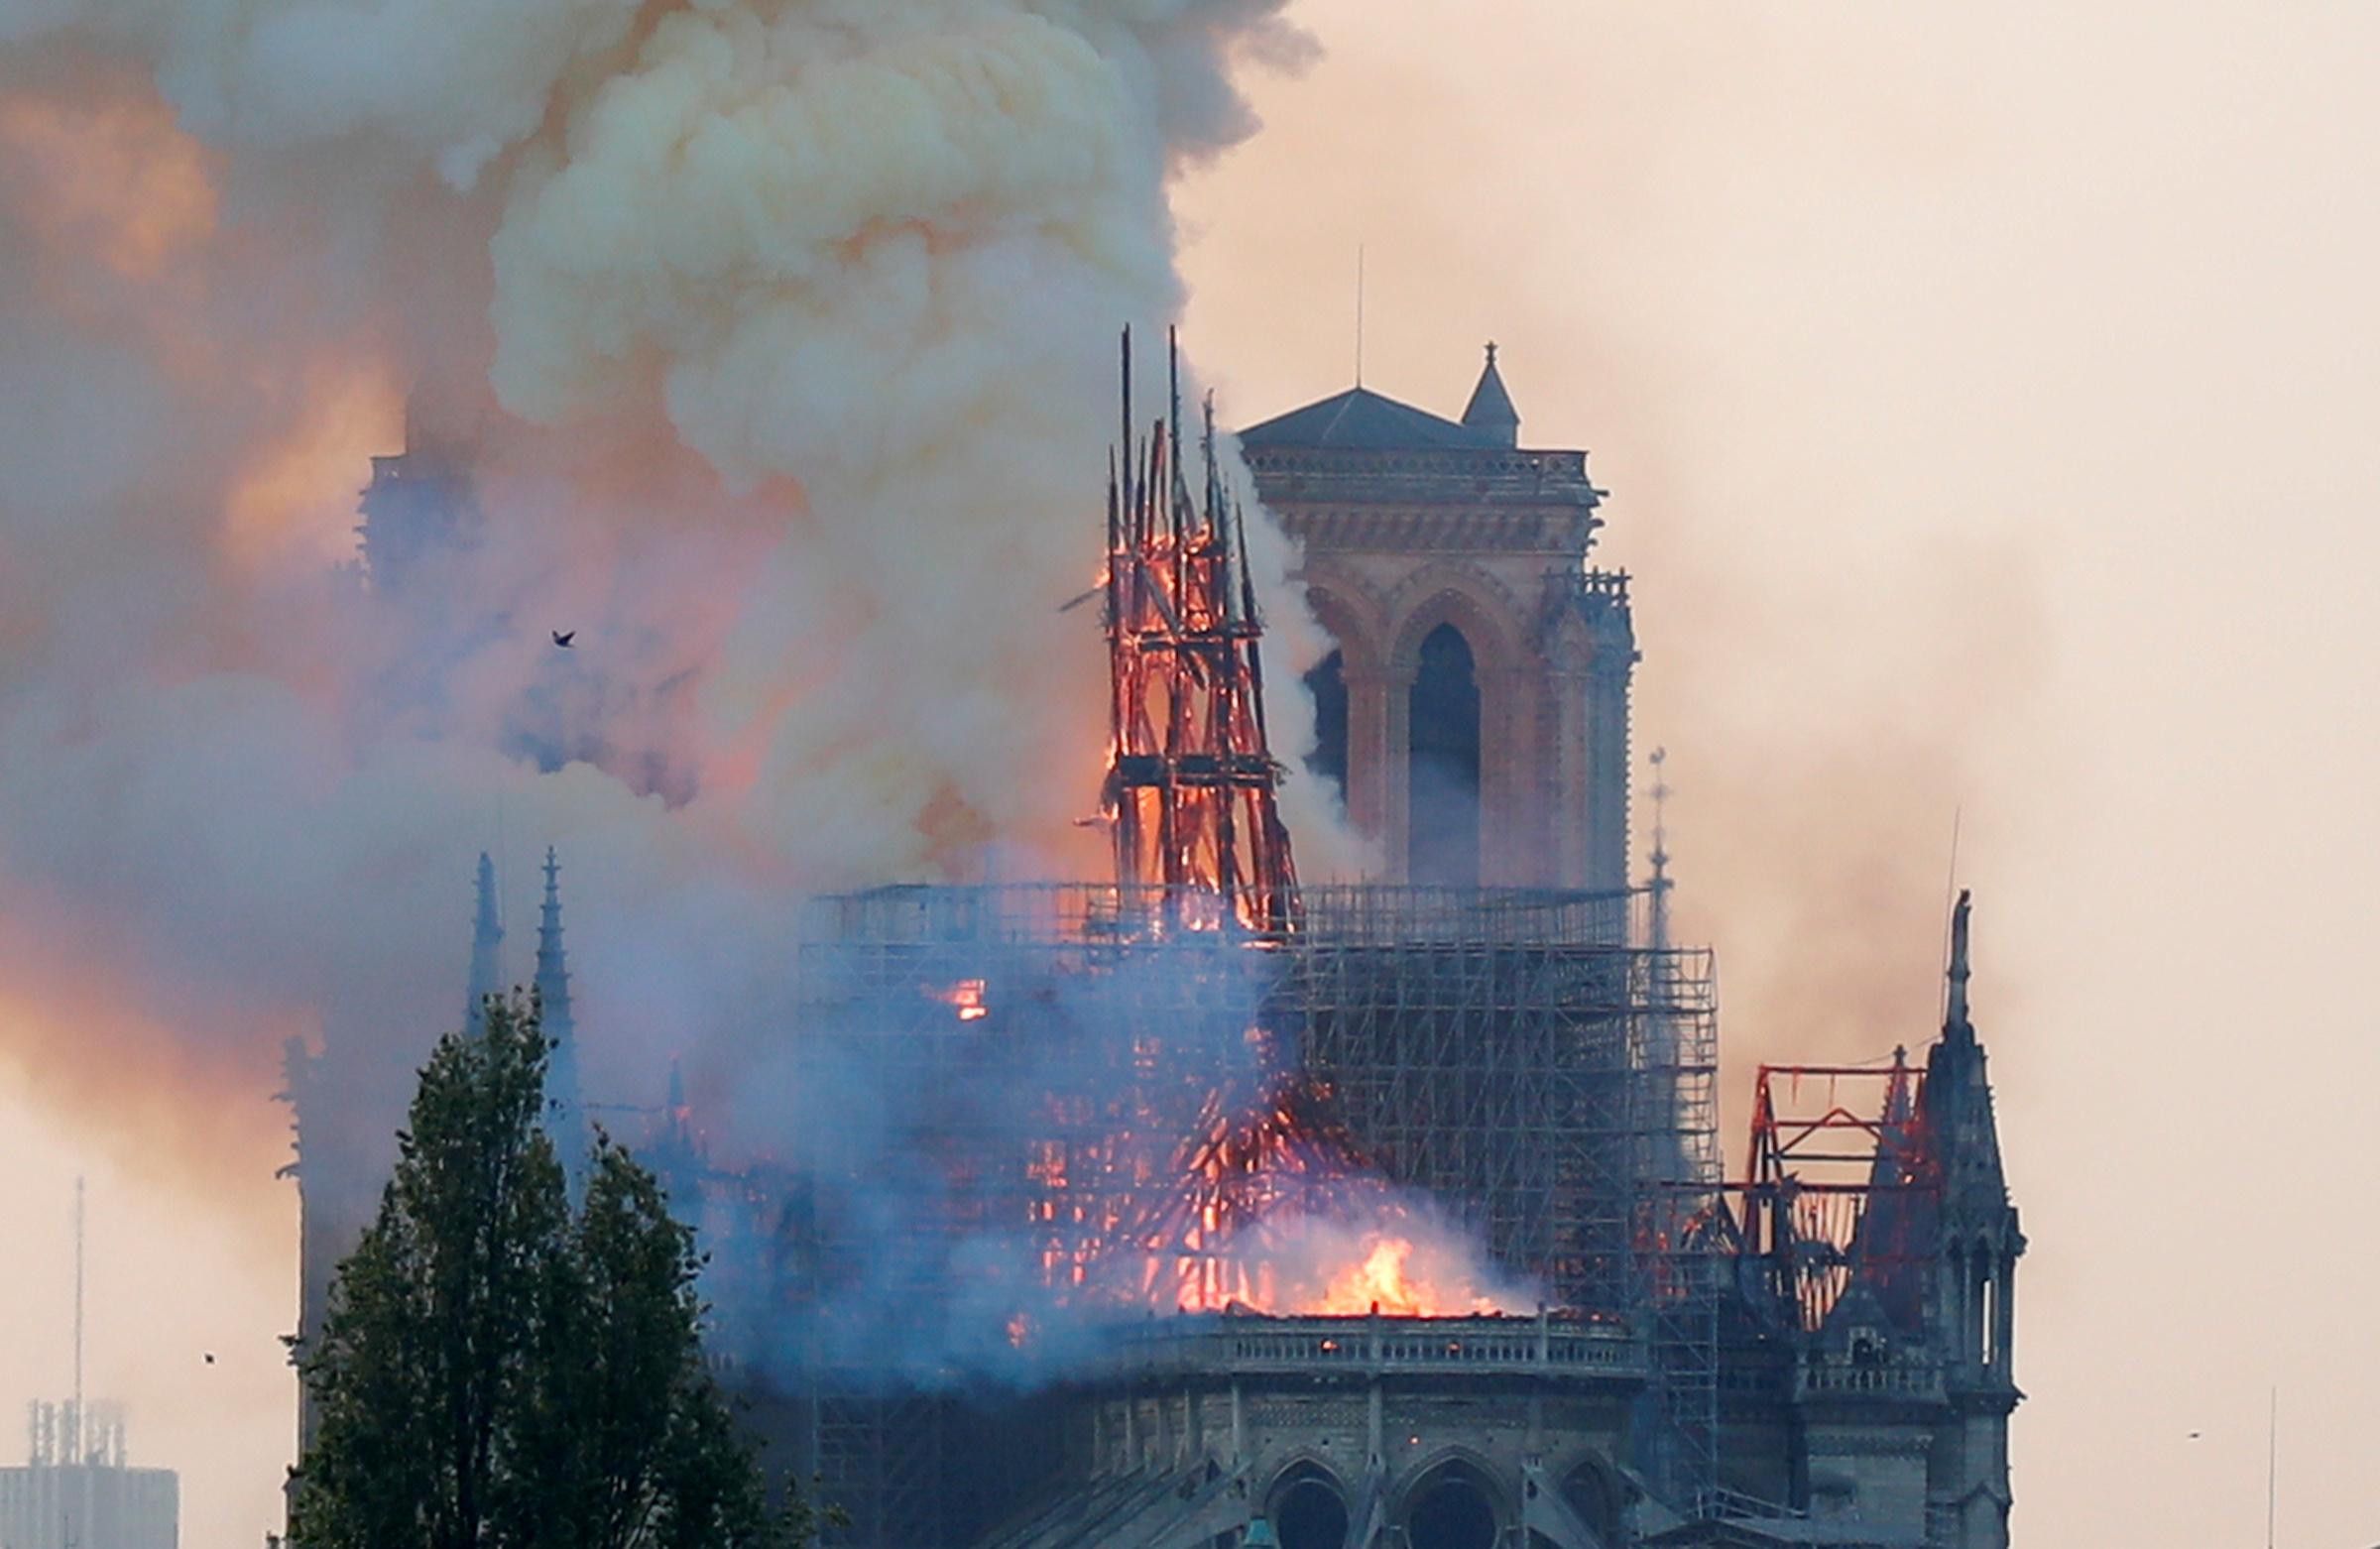 جهود رجال الإطفاء لانقاذ الكاتدرائية (6)